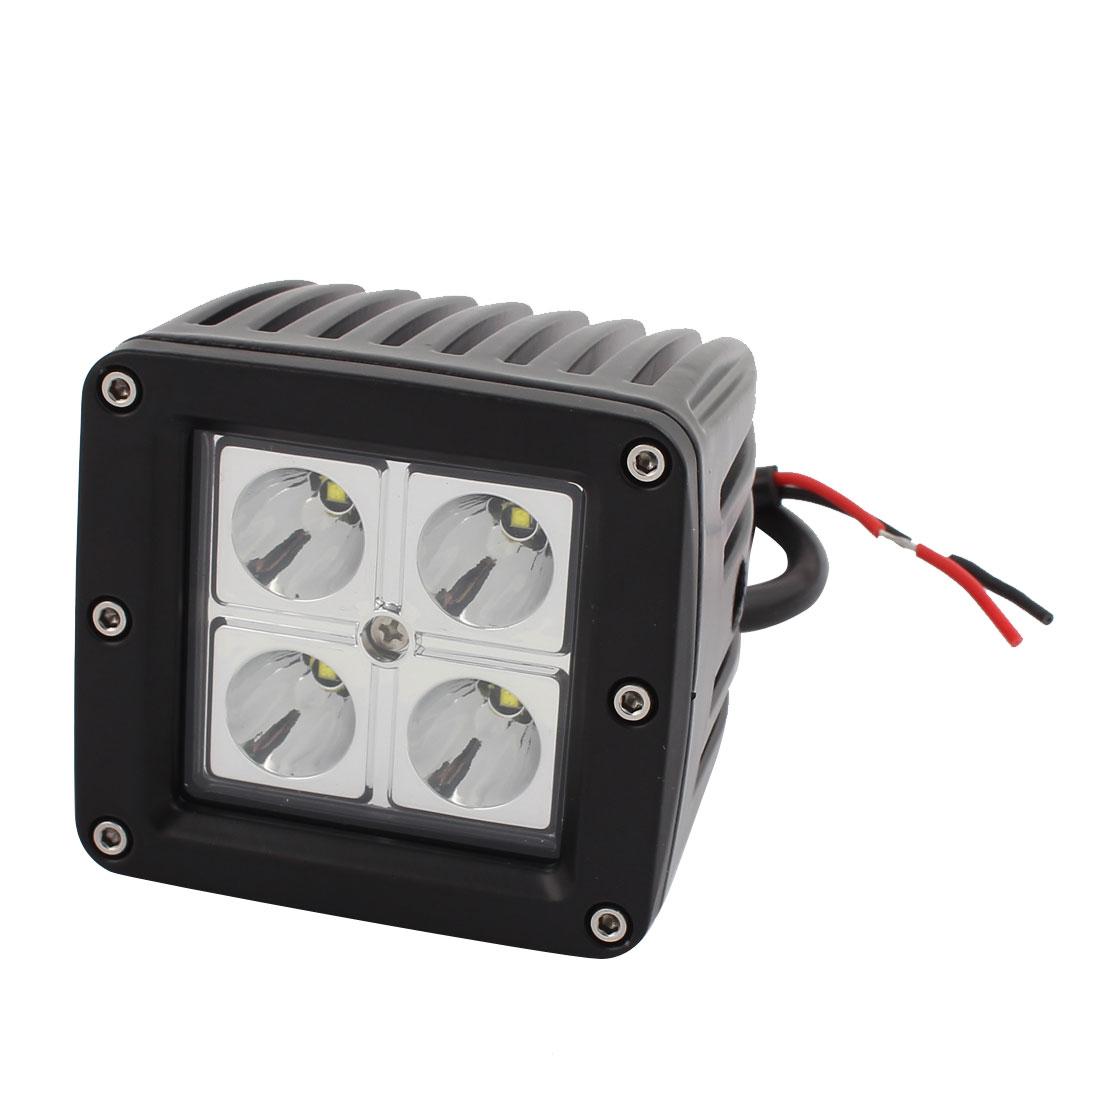 12W-B02 12W DC 10V-30V 4 LED Bulb Spotlight Working Lamp for Truck Car